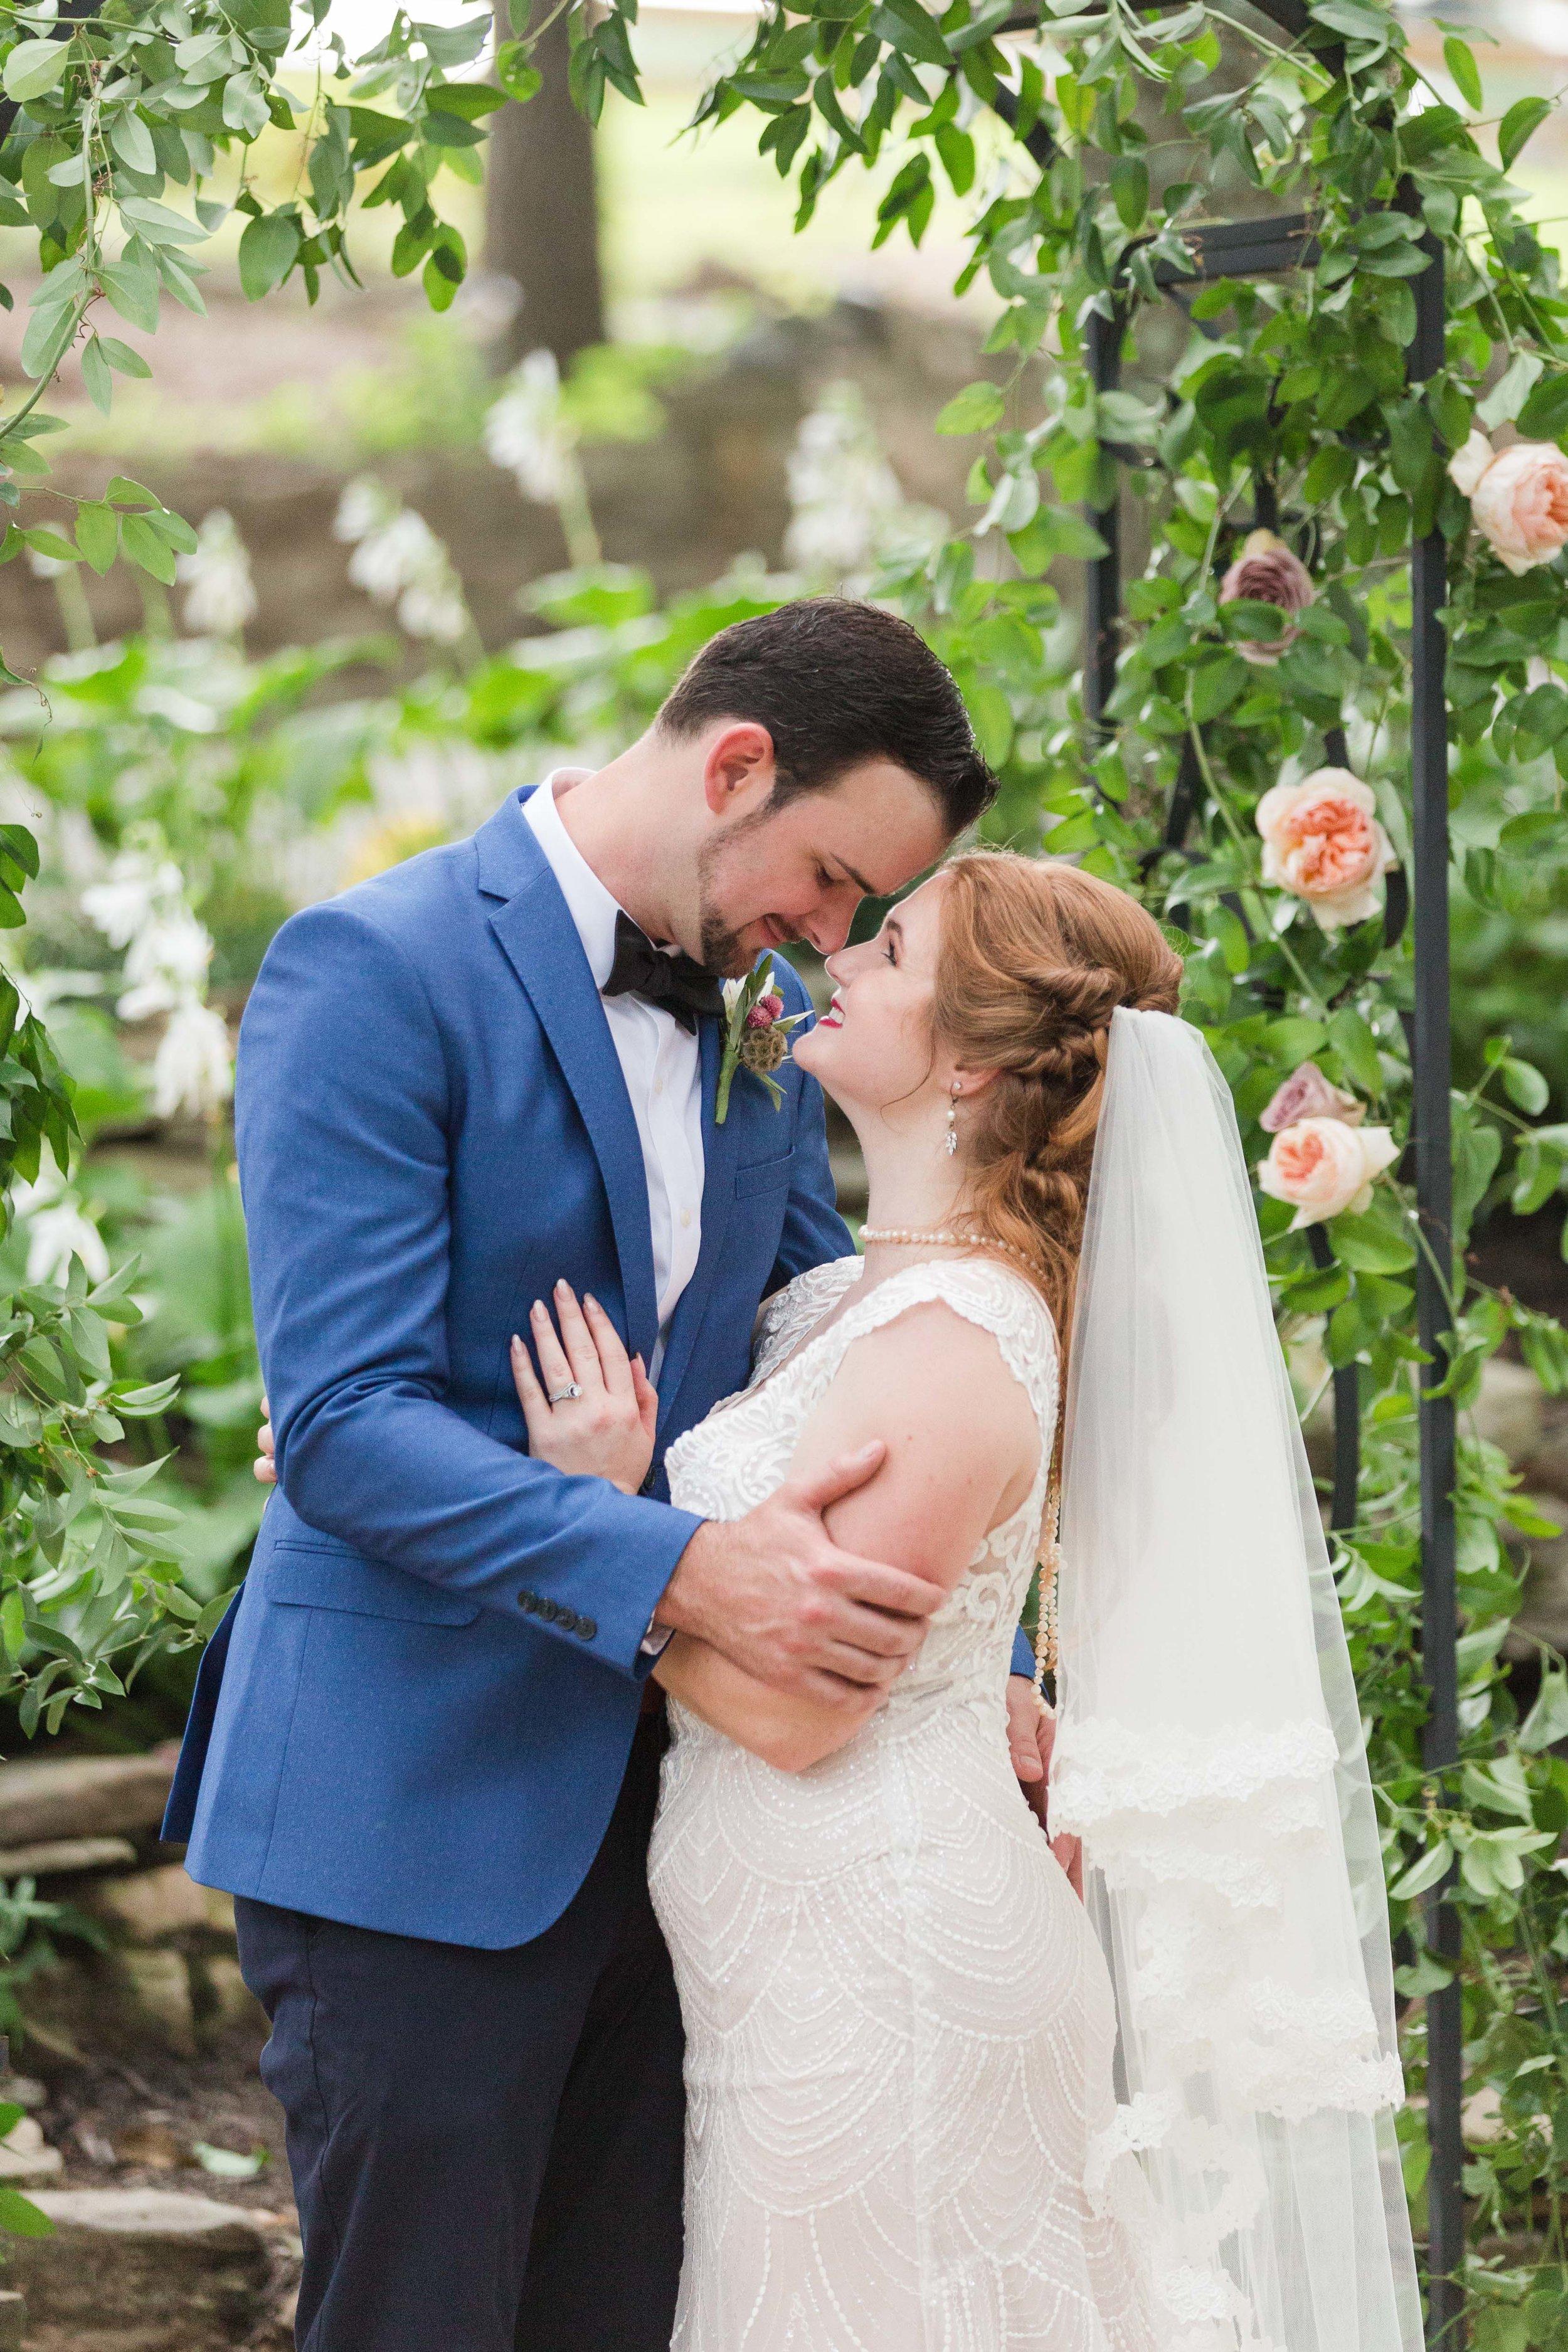 mcfarland_house_martinsburg_wedding-4.jpg